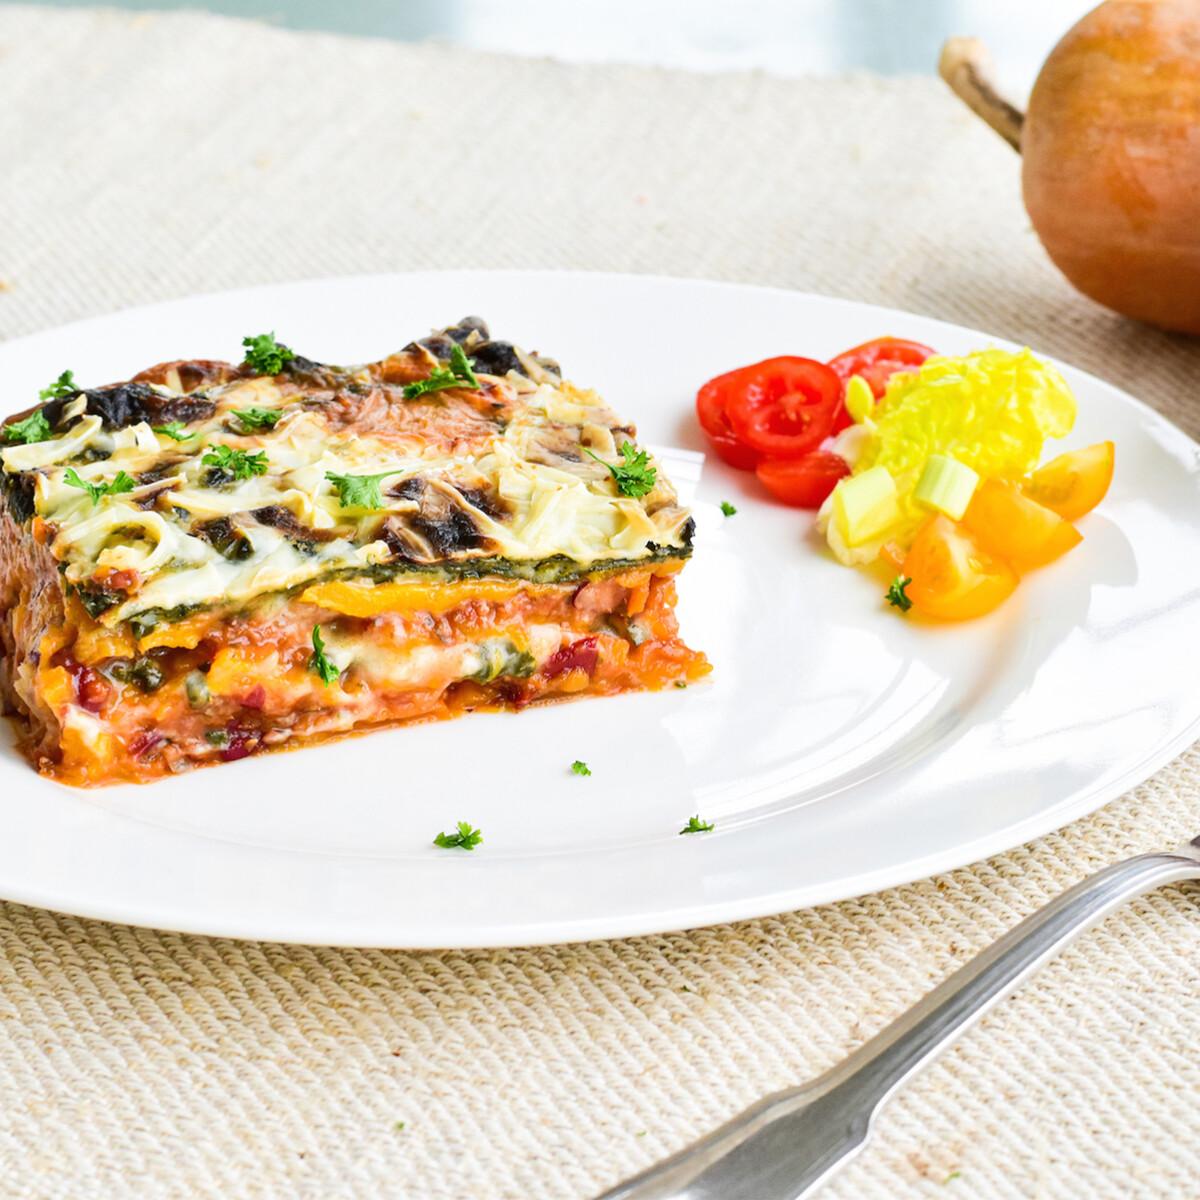 Ezen a képen: Sütőtök lasagne – tészta nélkül csak zöldségekből